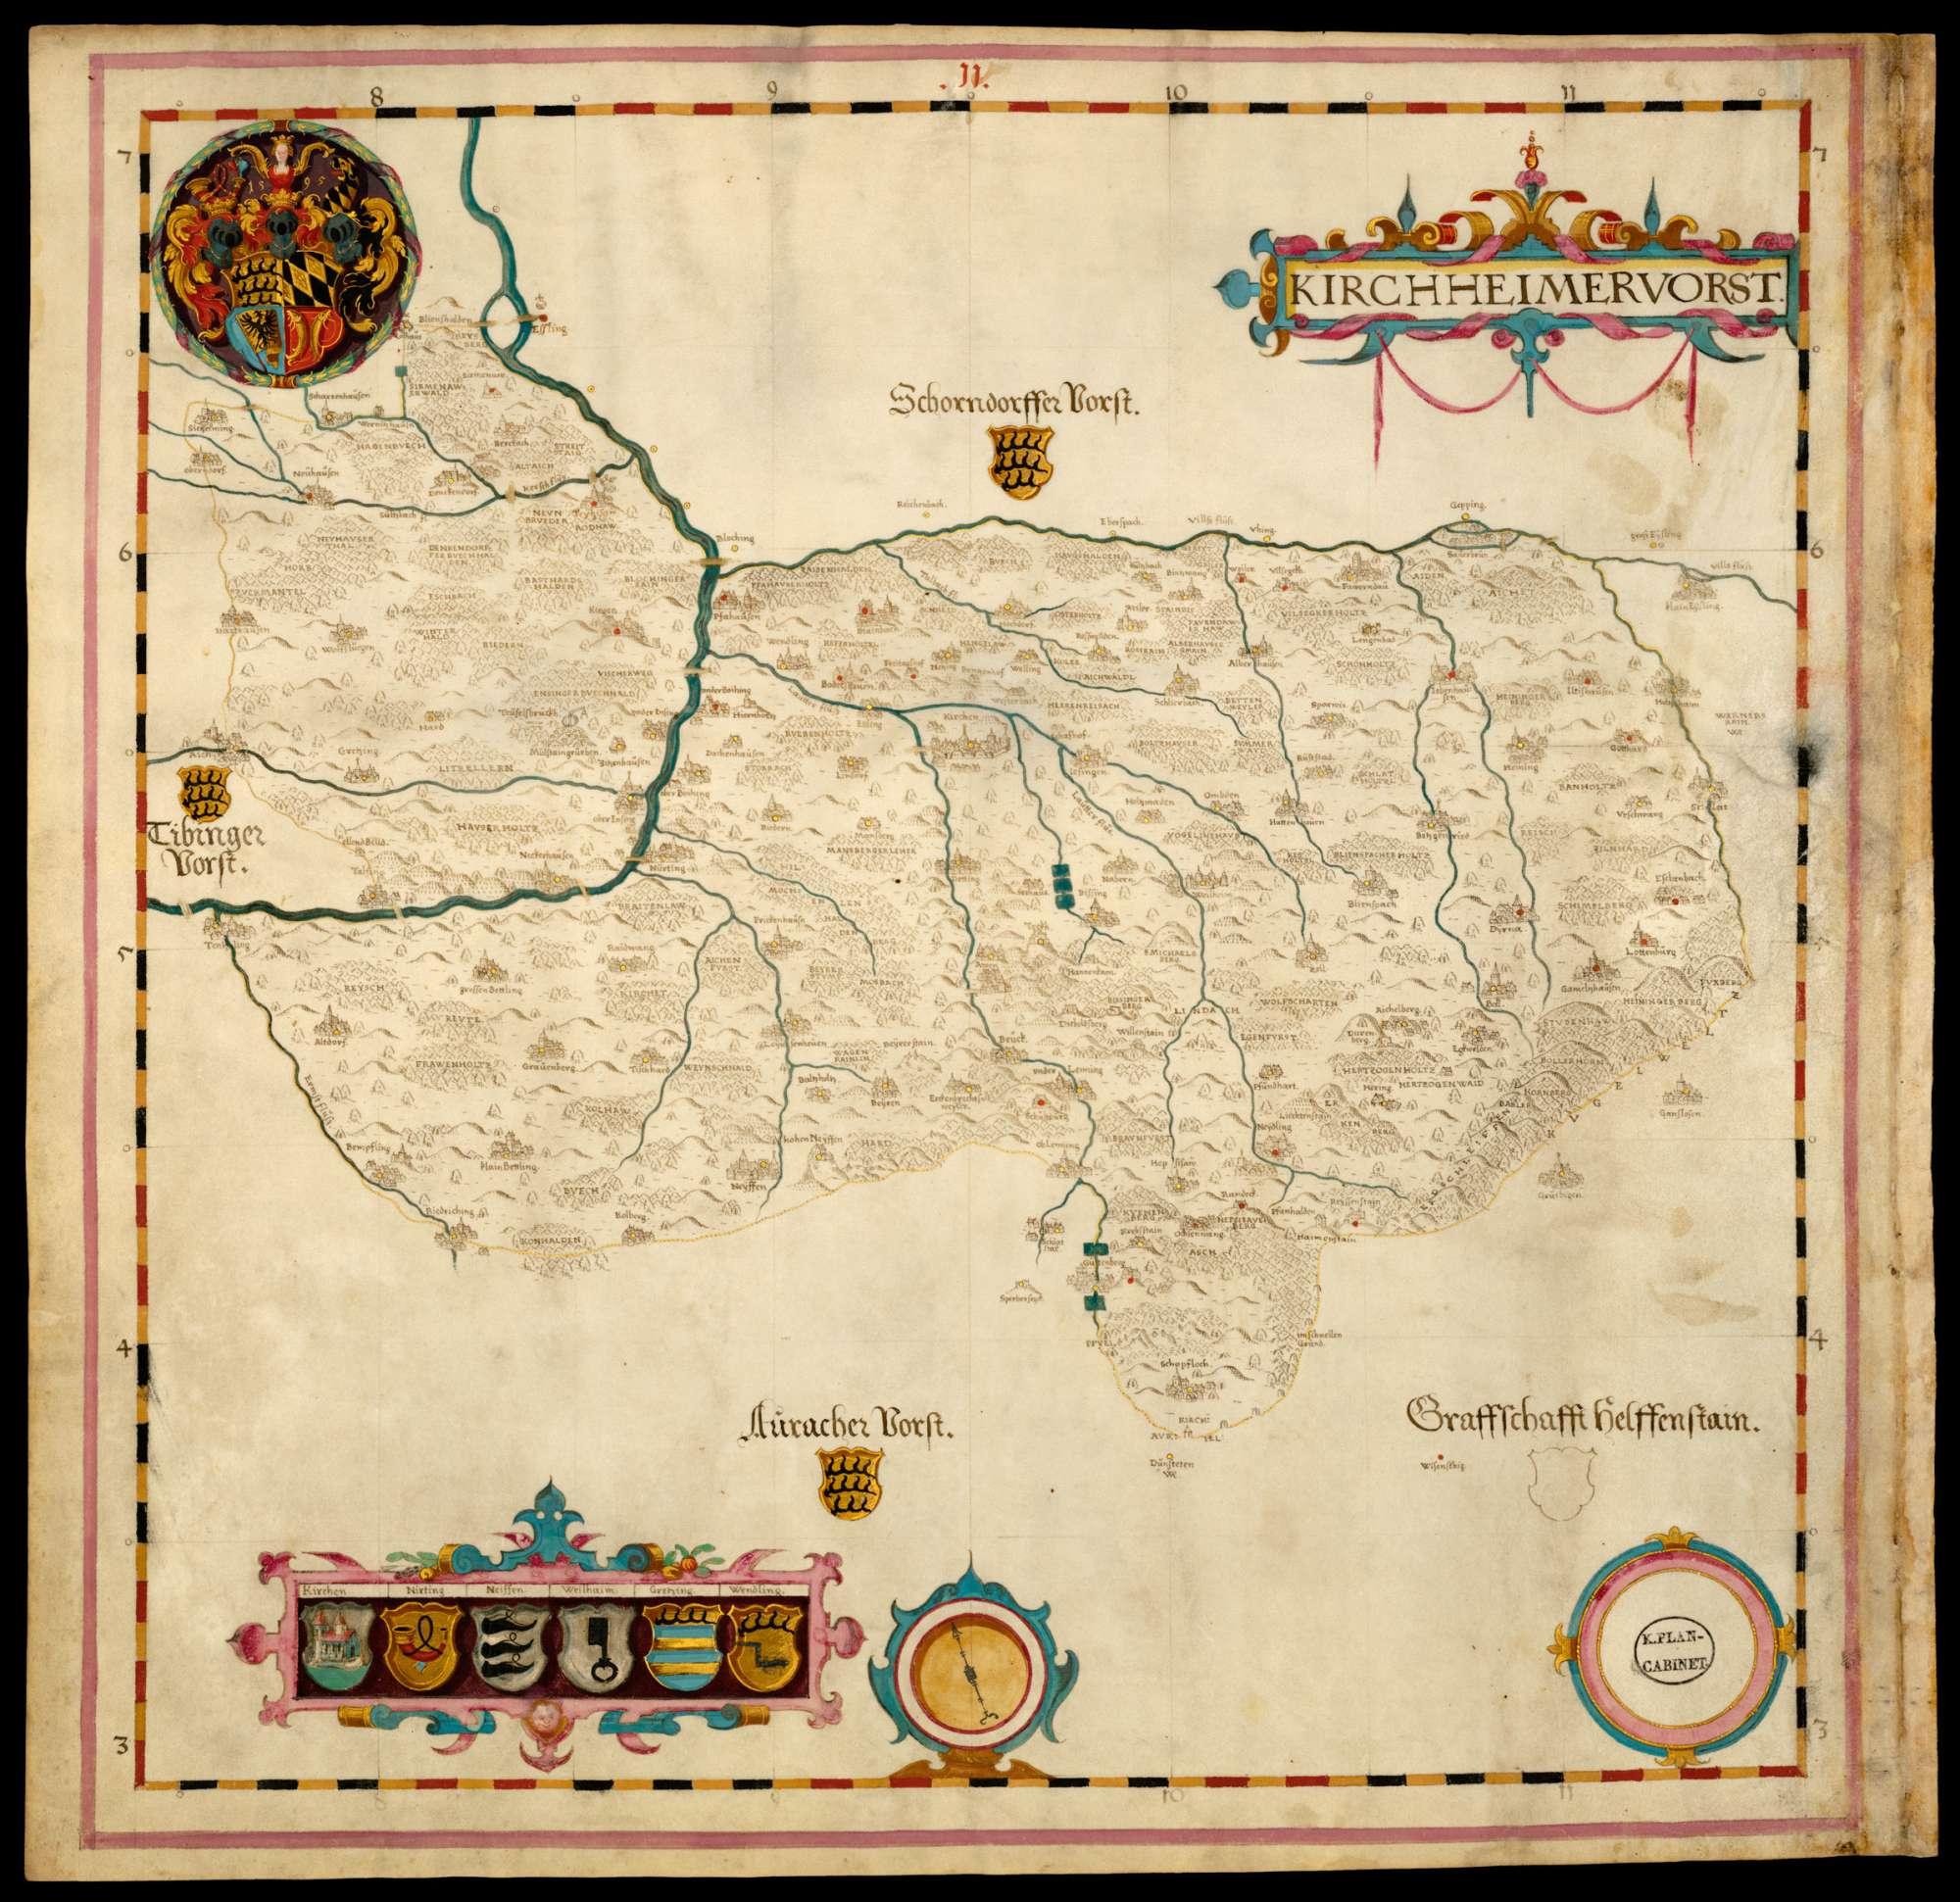 Bl. 17 v: Kirchheimer Forst (11), Bild 1